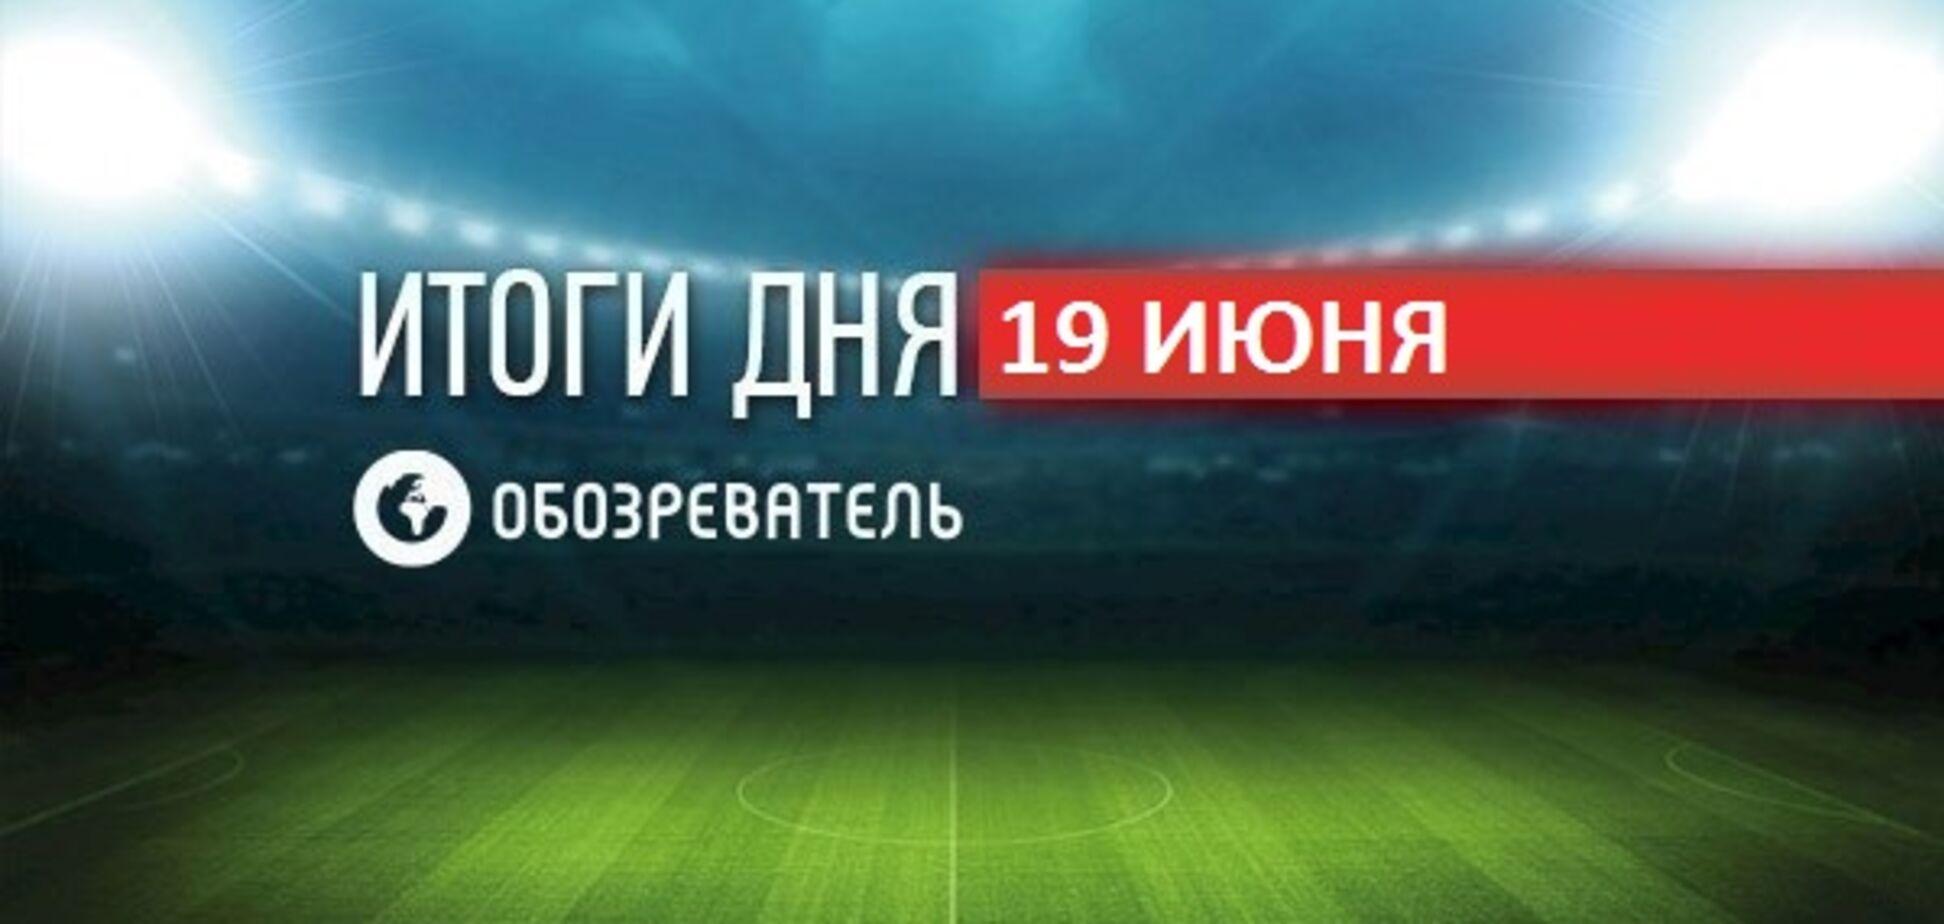 В России возник скандал вокруг Первого канала из-за ЧМ-2018: спортивные итоги 19 июня